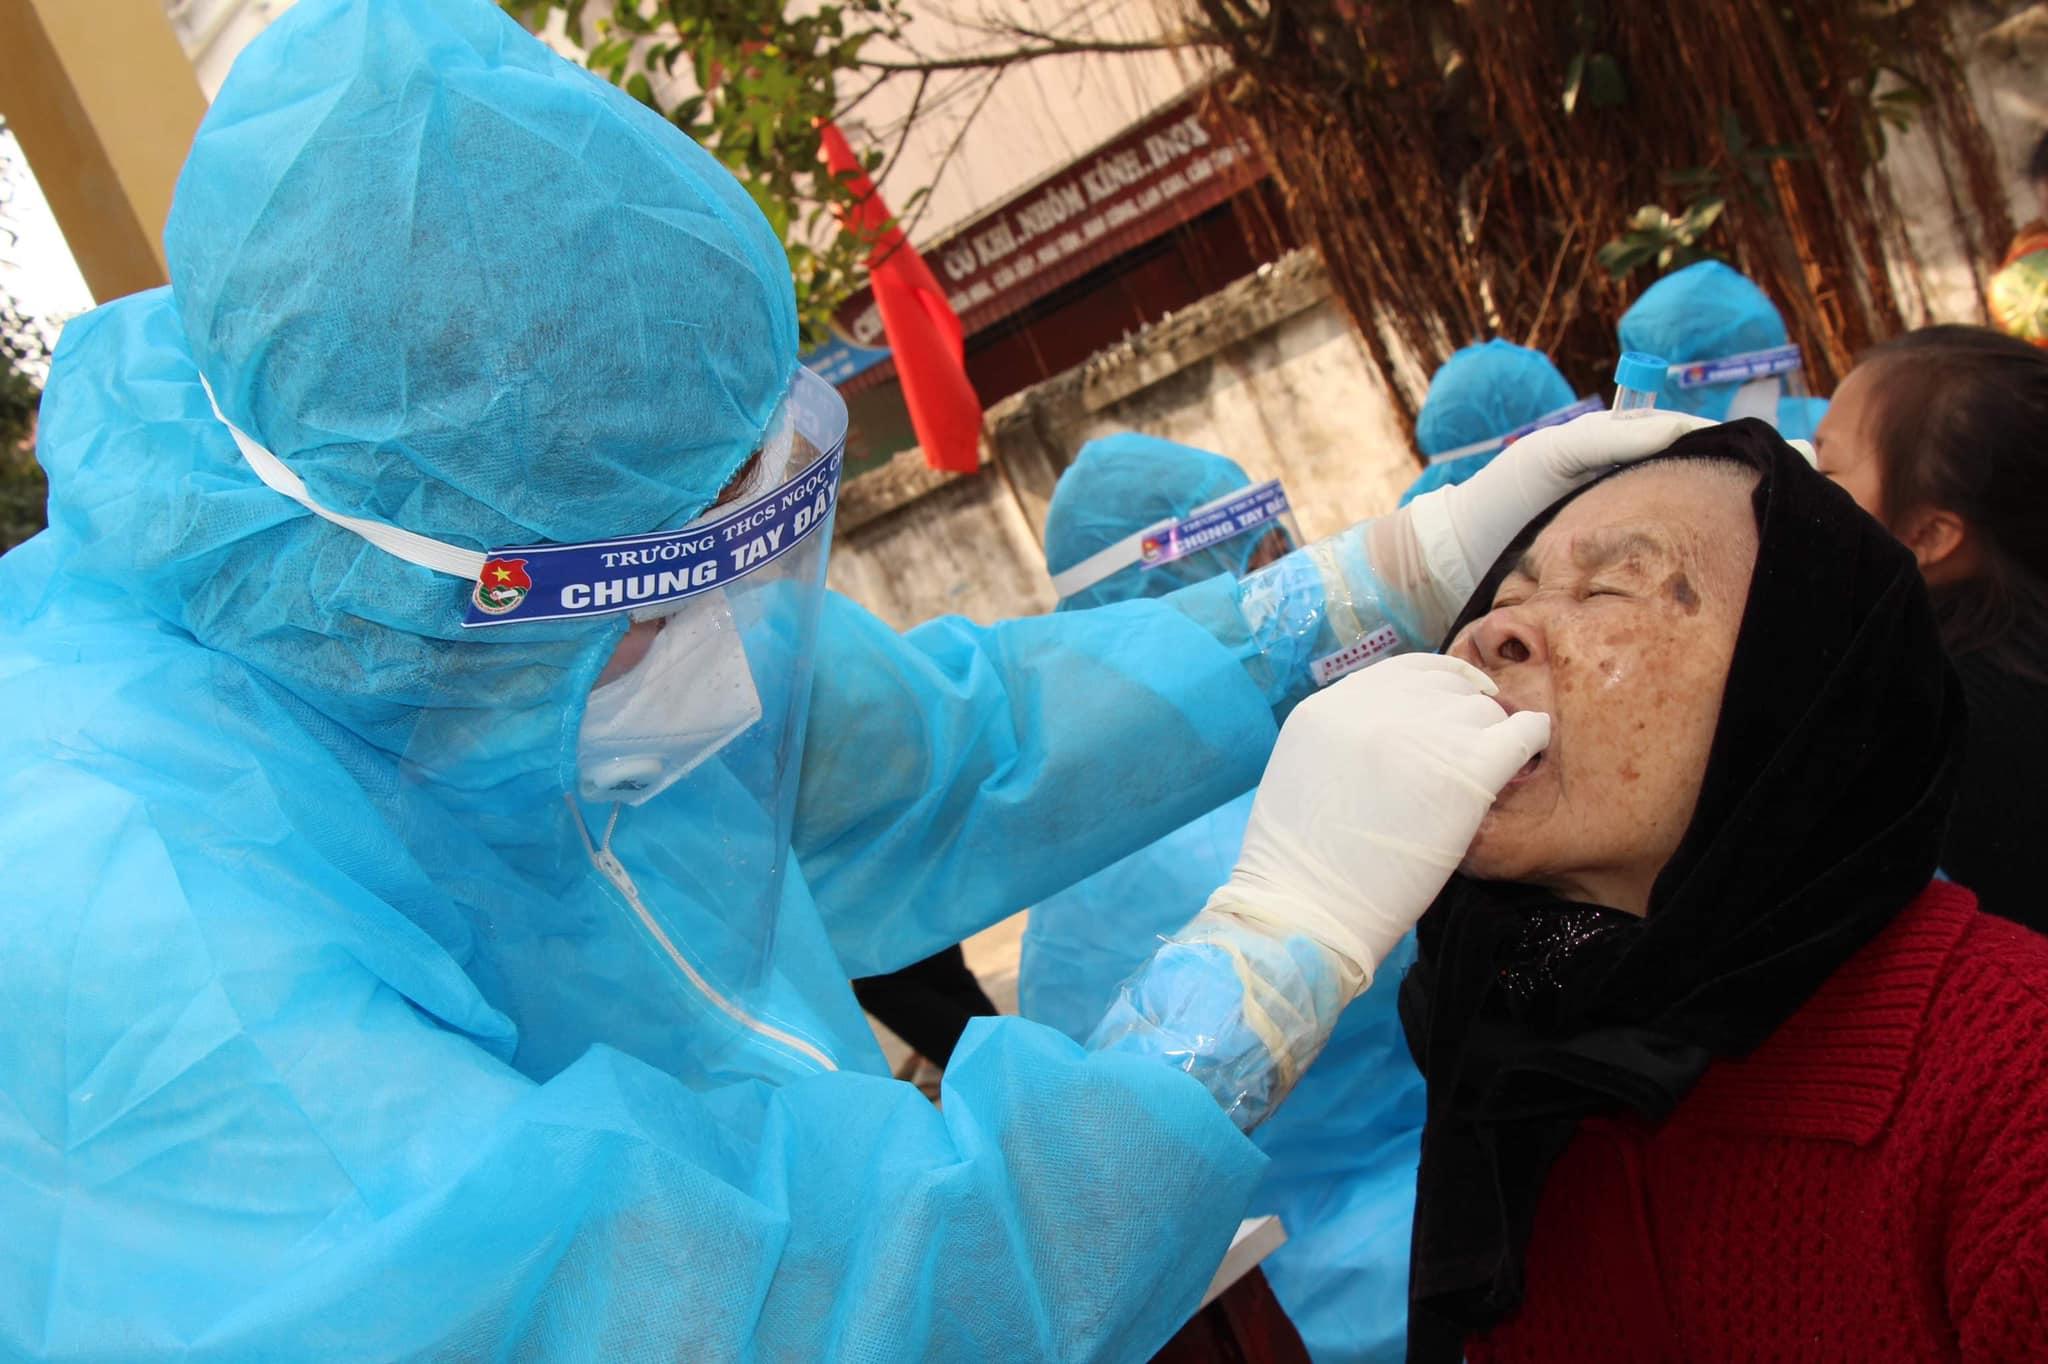 Sáng 2/3, Hải Dương thêm 11 ca nhiễm COVID-19 mới, riêng ổ dịch Kim Thành 10 ca - Ảnh 1.